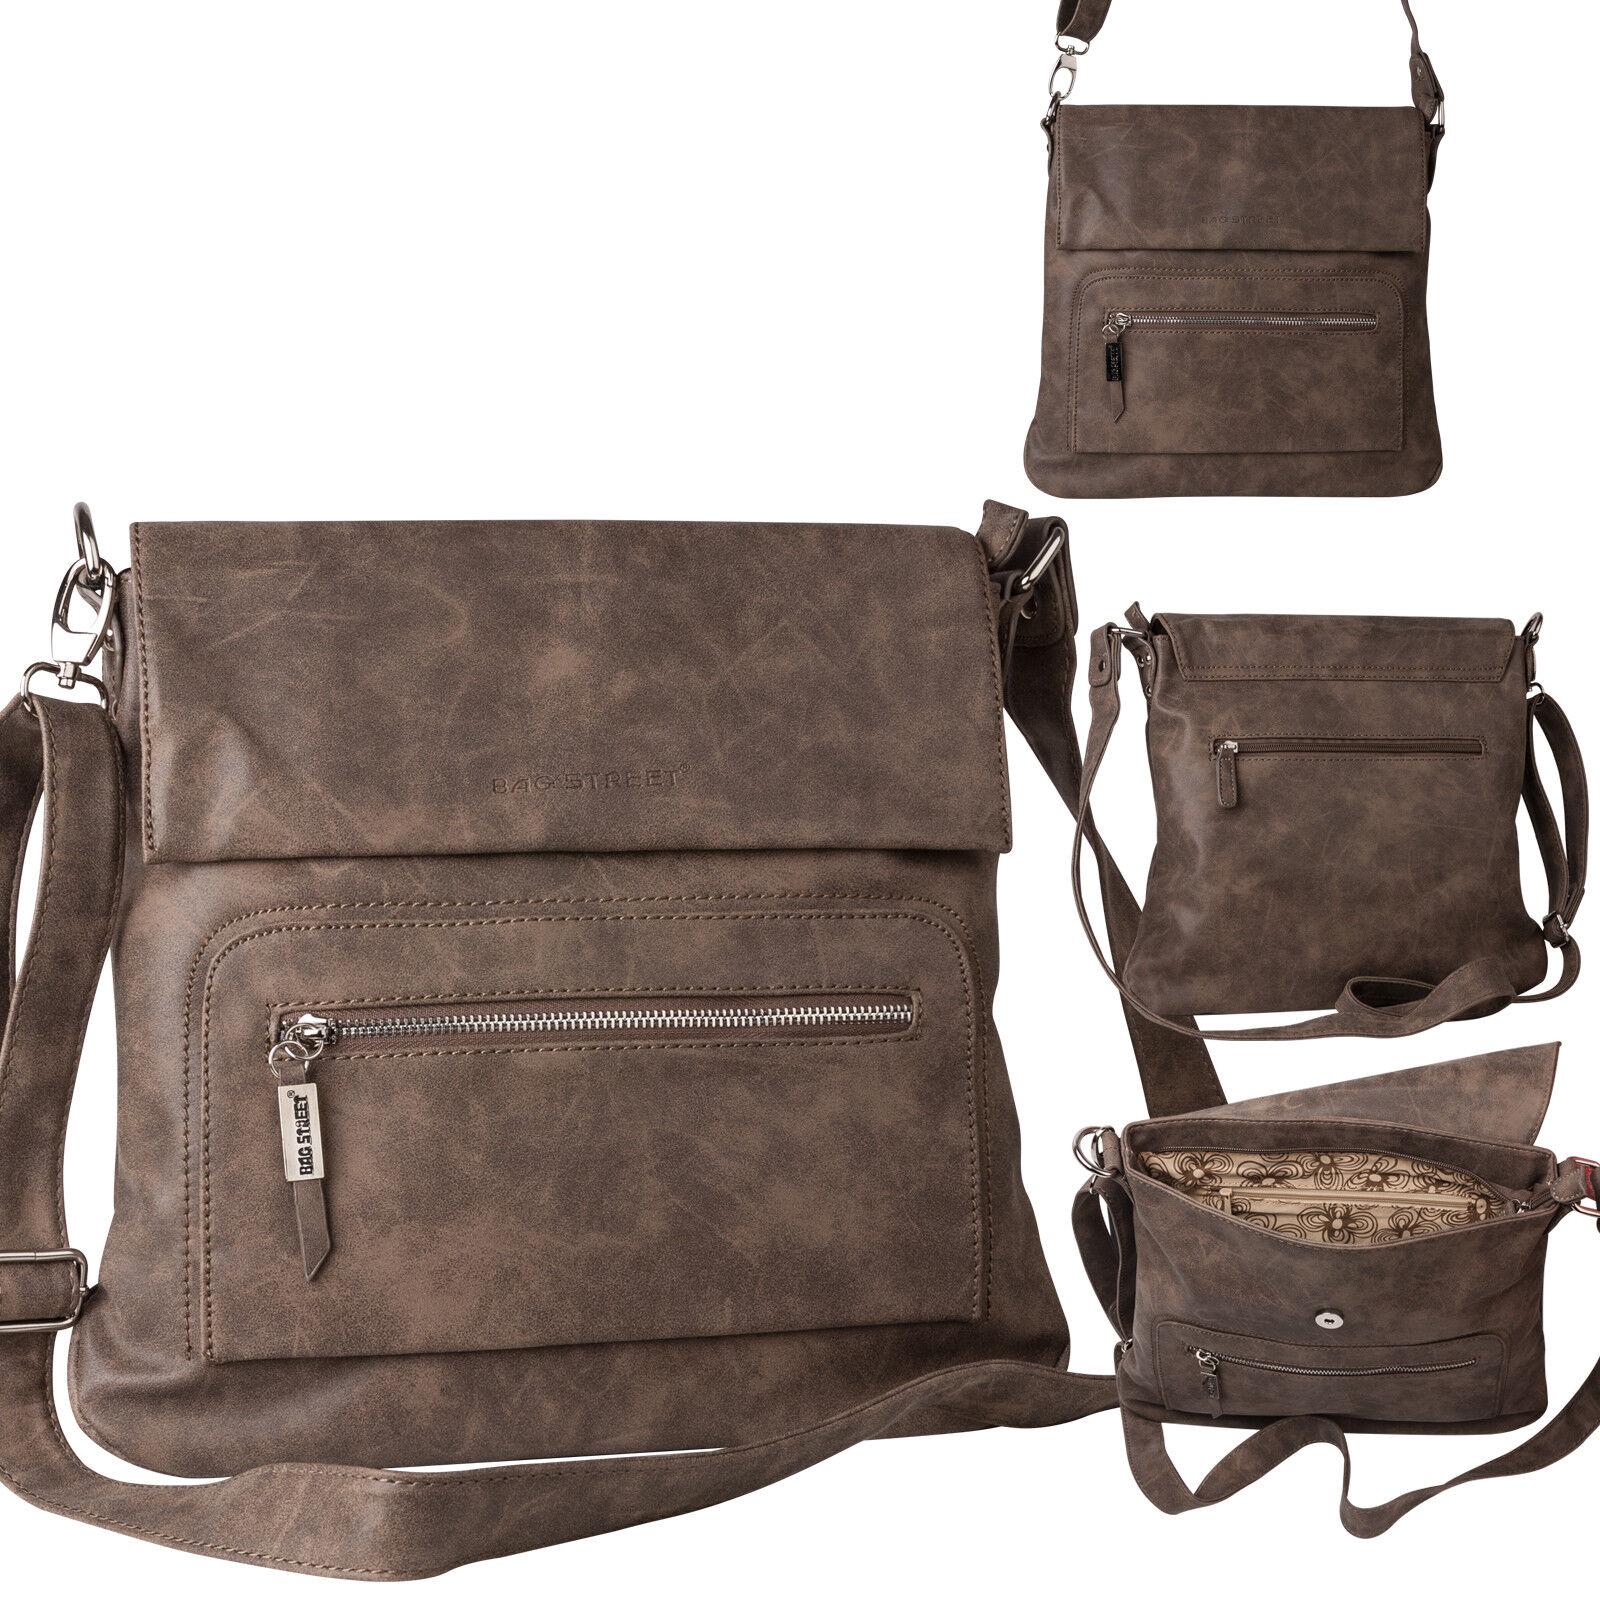 Bag Street Damentasche Umhängetasche Handtasche Schultertasche K2 T0103 Braun